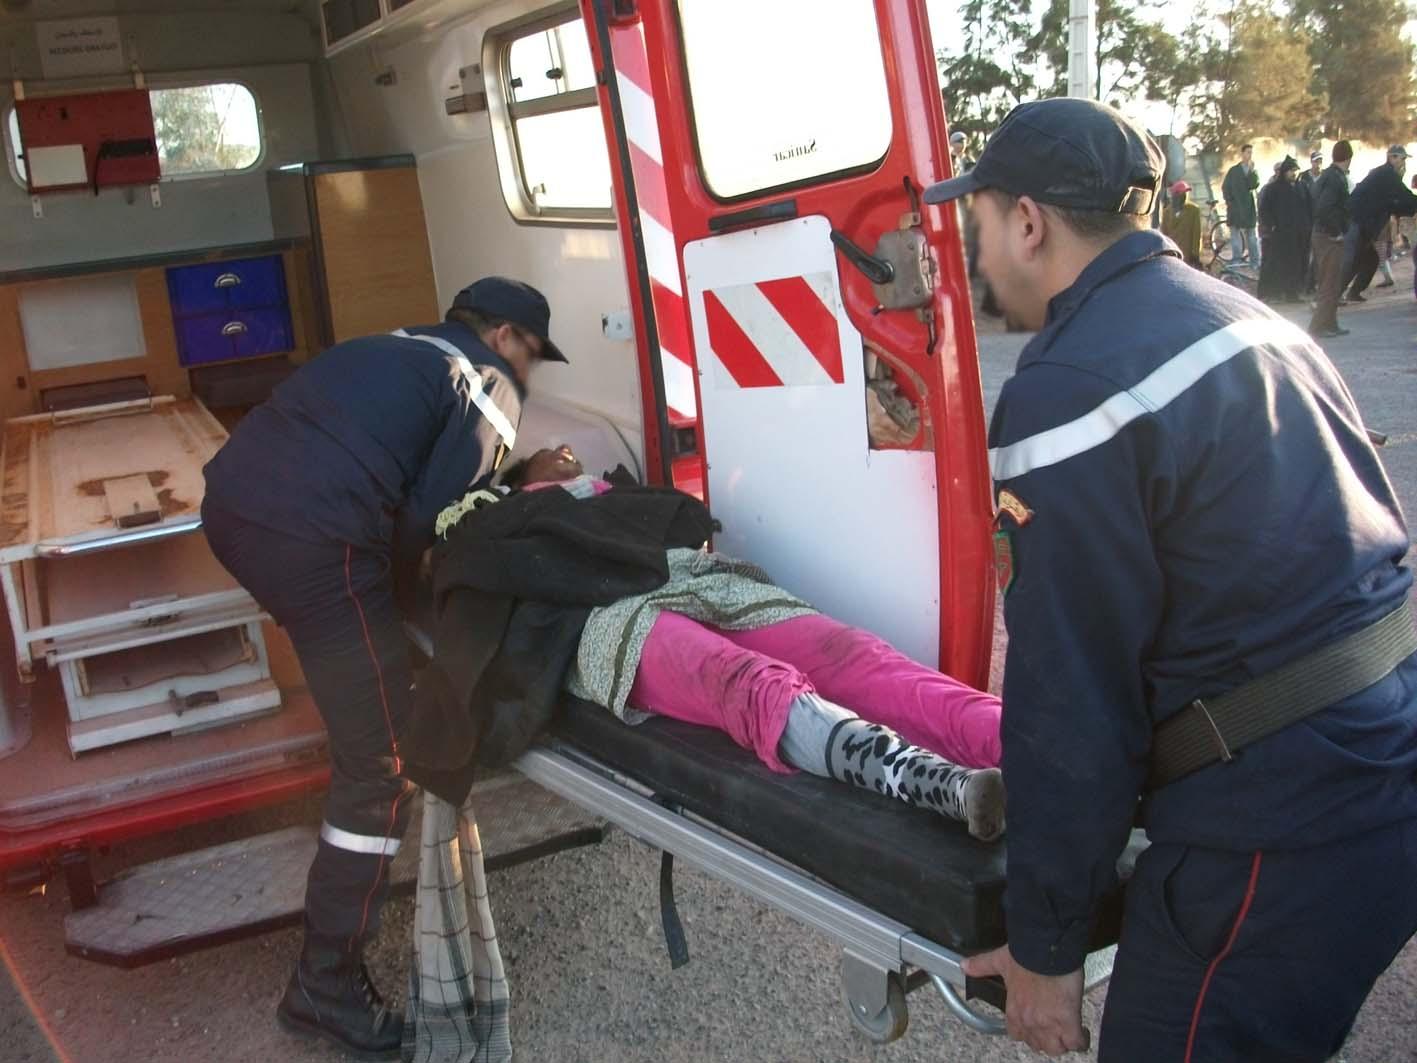 بني عروس : انقلاب شاحنة تقل عاملات أحد الحقول يخلف أكثر من عشرون إصابة